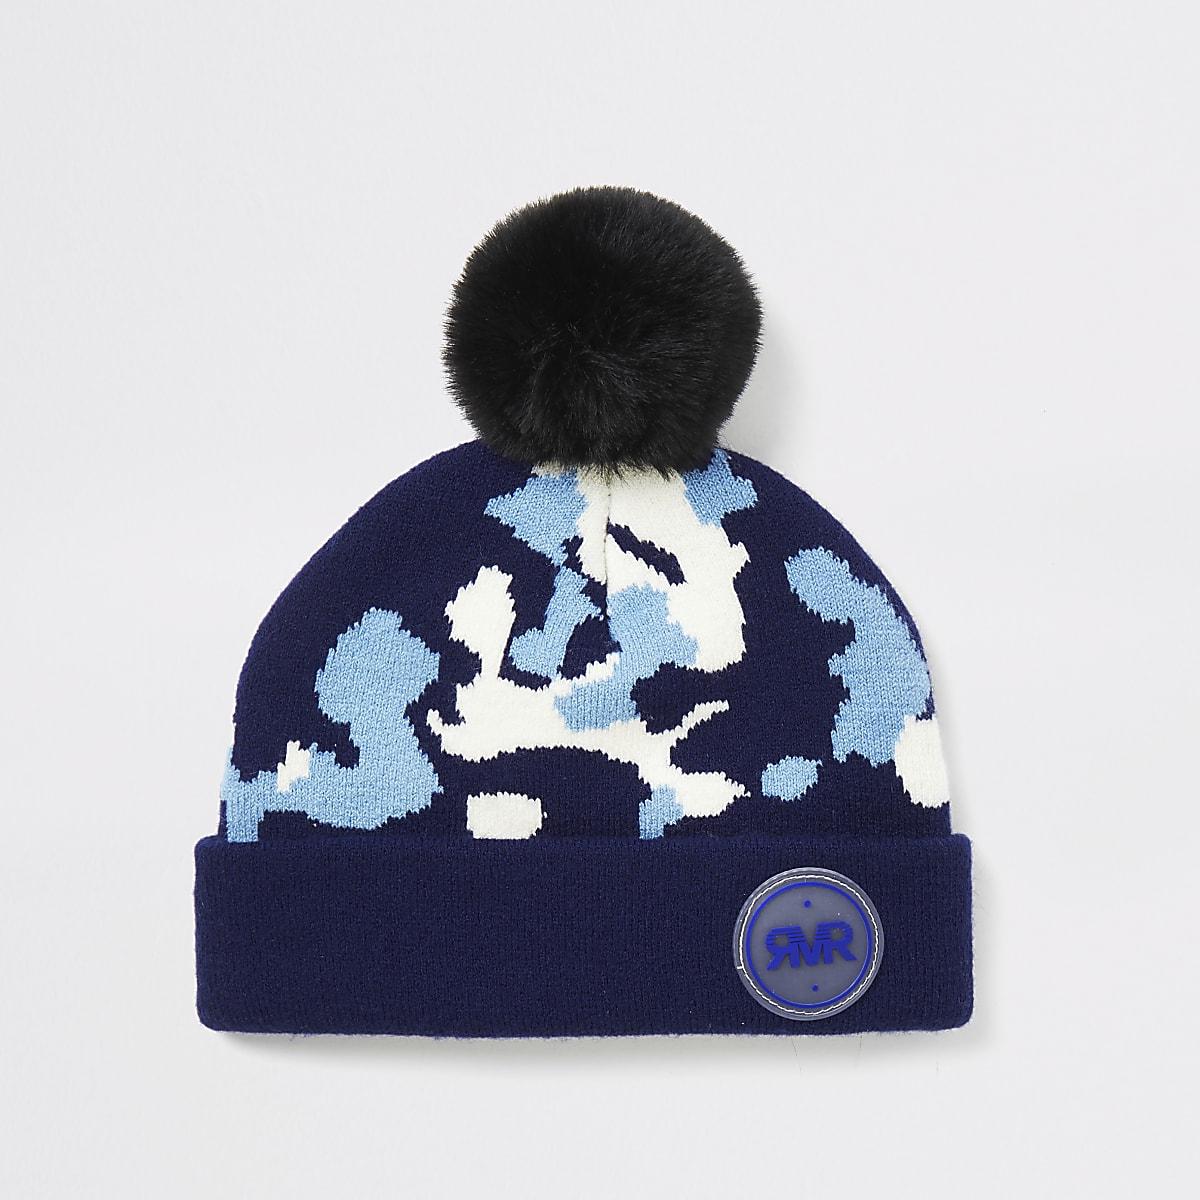 Mini - Blauwe beanie met camouflageprint voor jongens